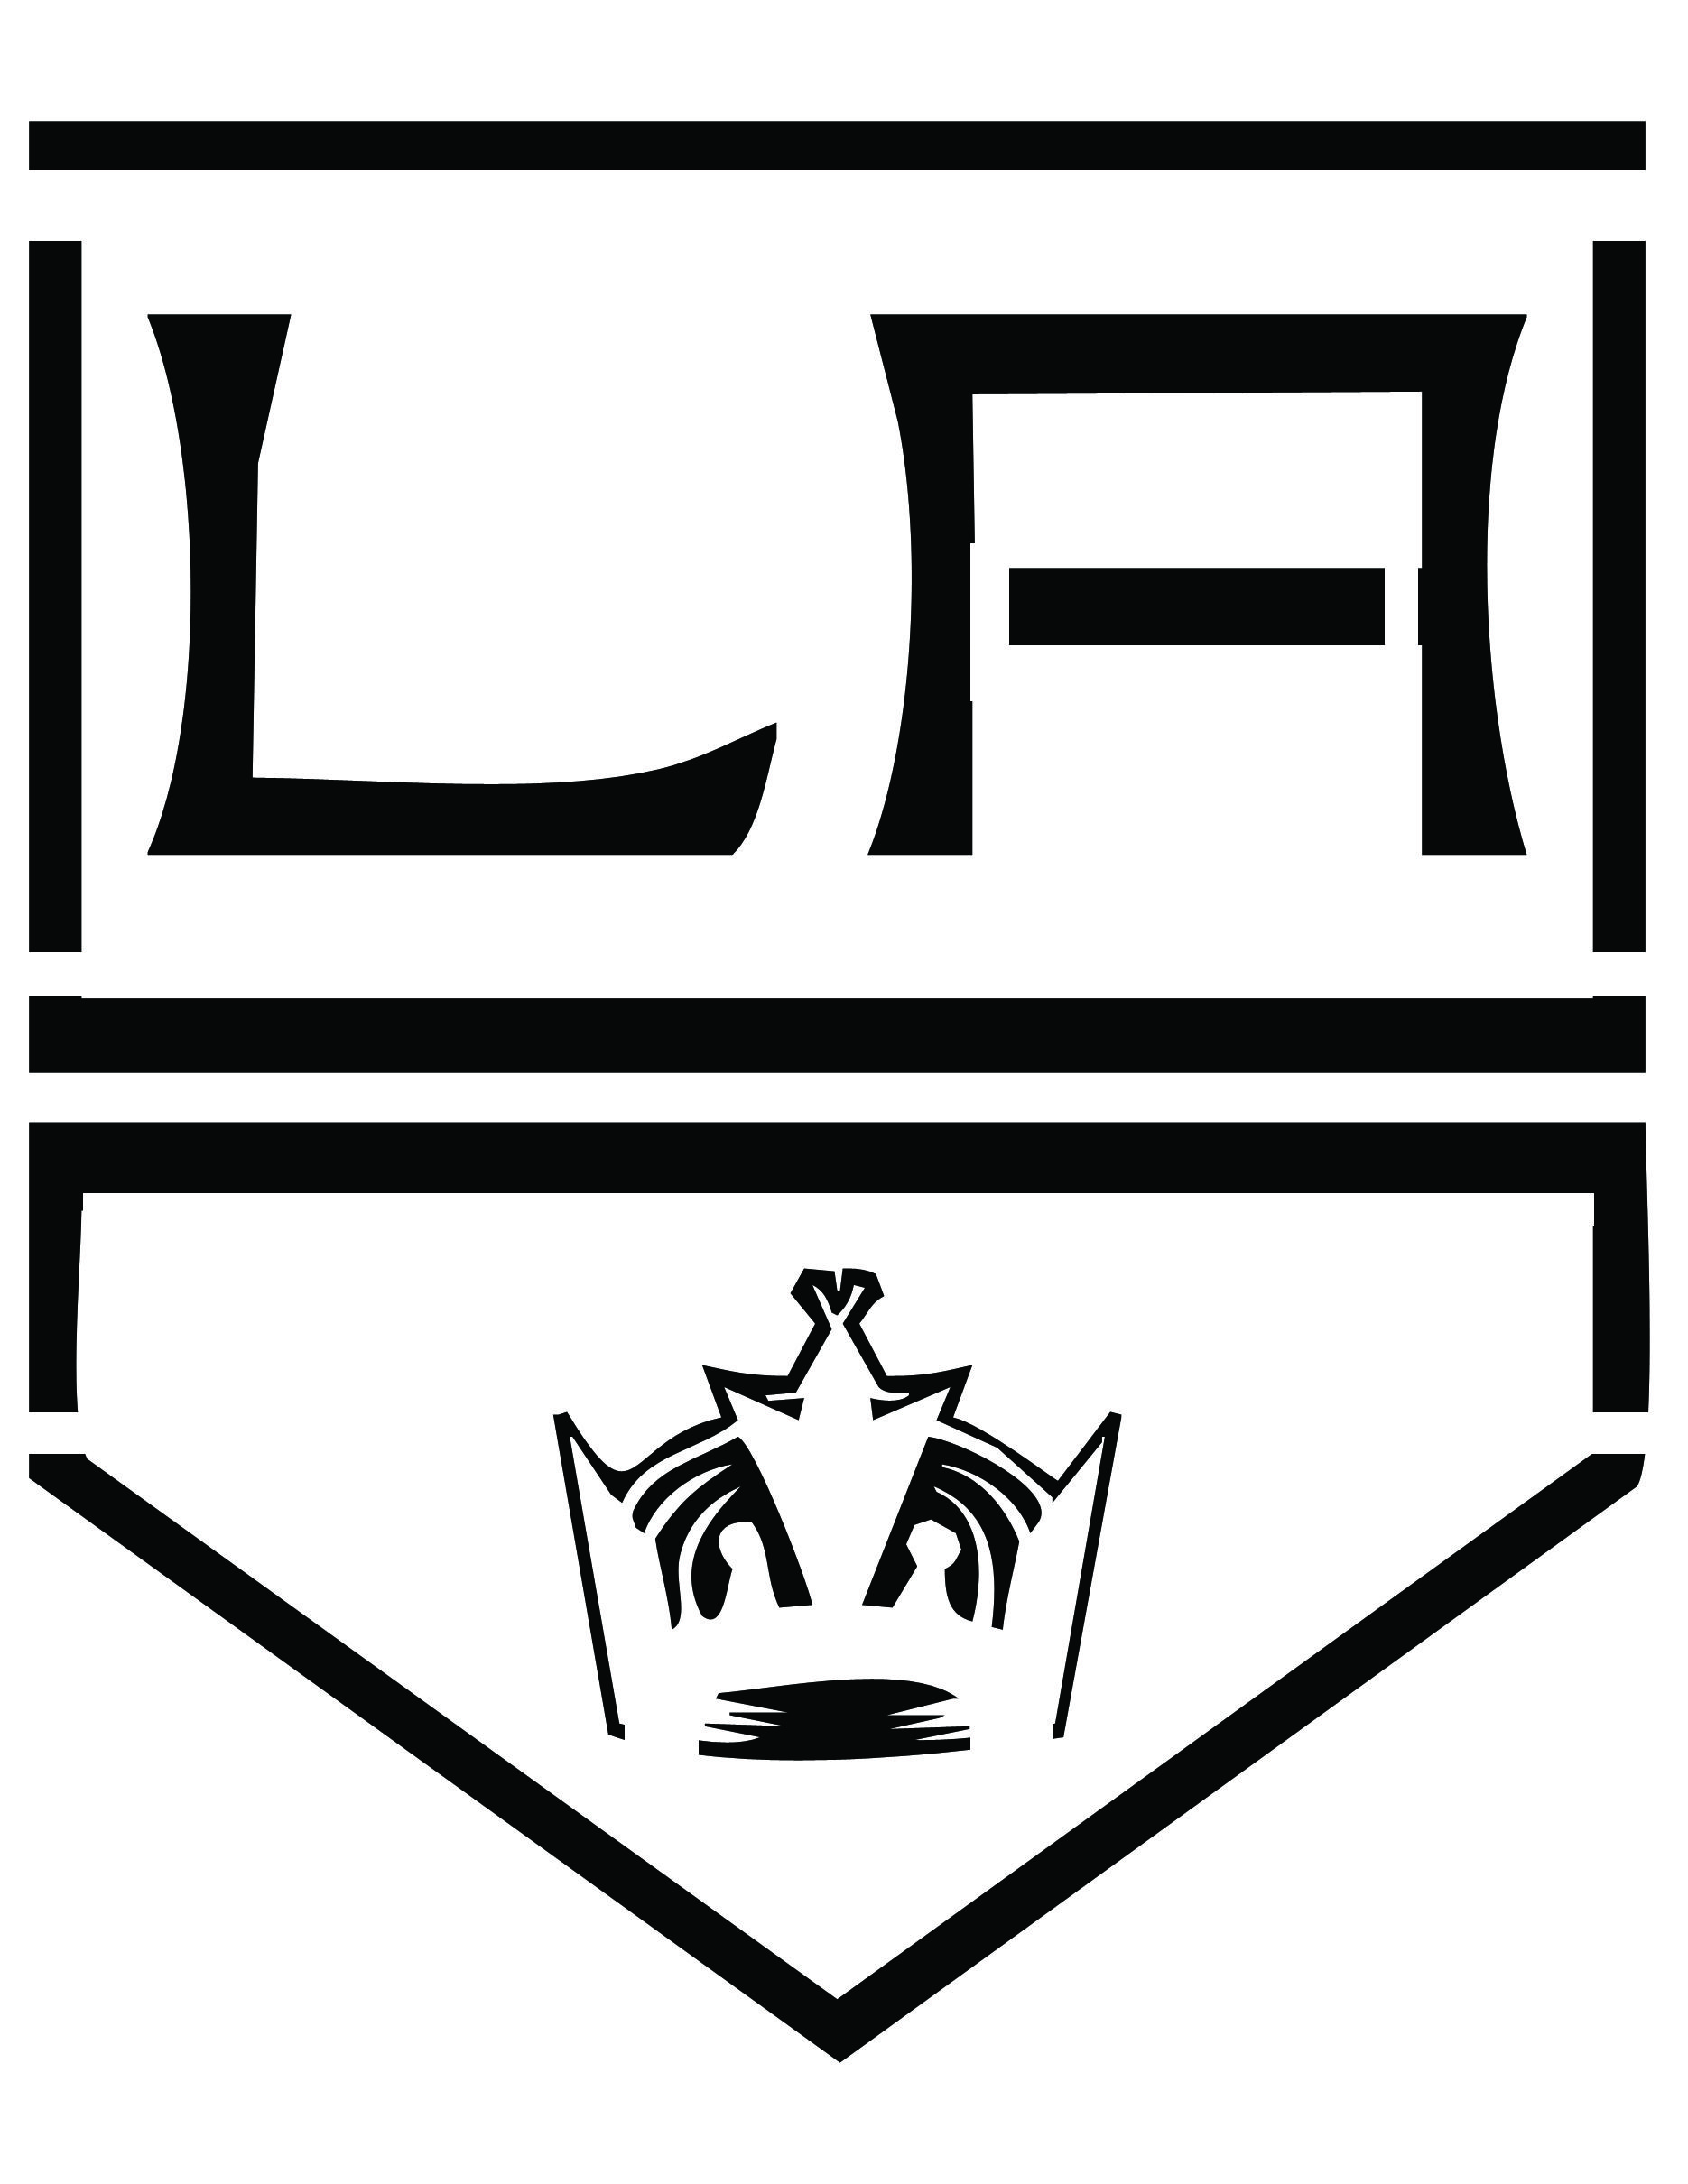 LA KINGS PLATE STENCIL | Kings Logos | Pinterest | Halloween pumpkin ...